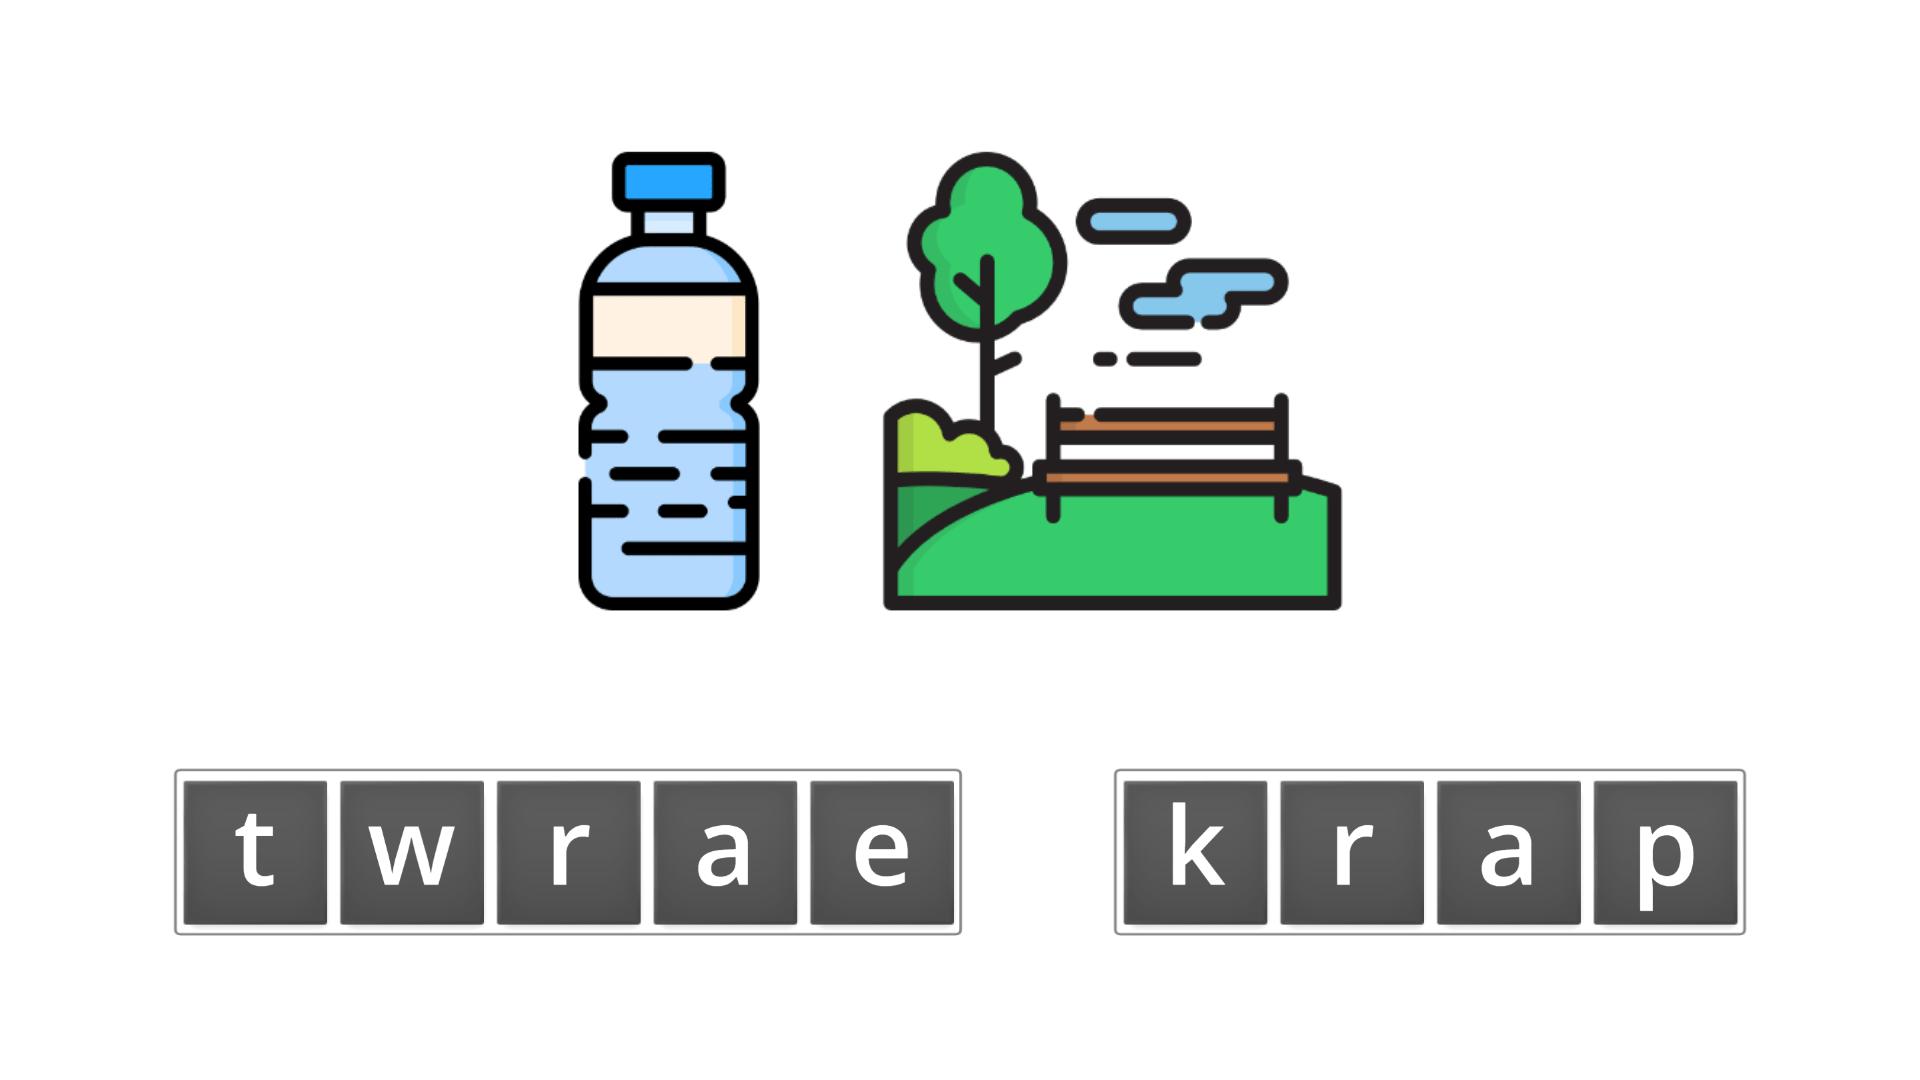 esl resources - flashcards - compound nouns  - unscramble - water park